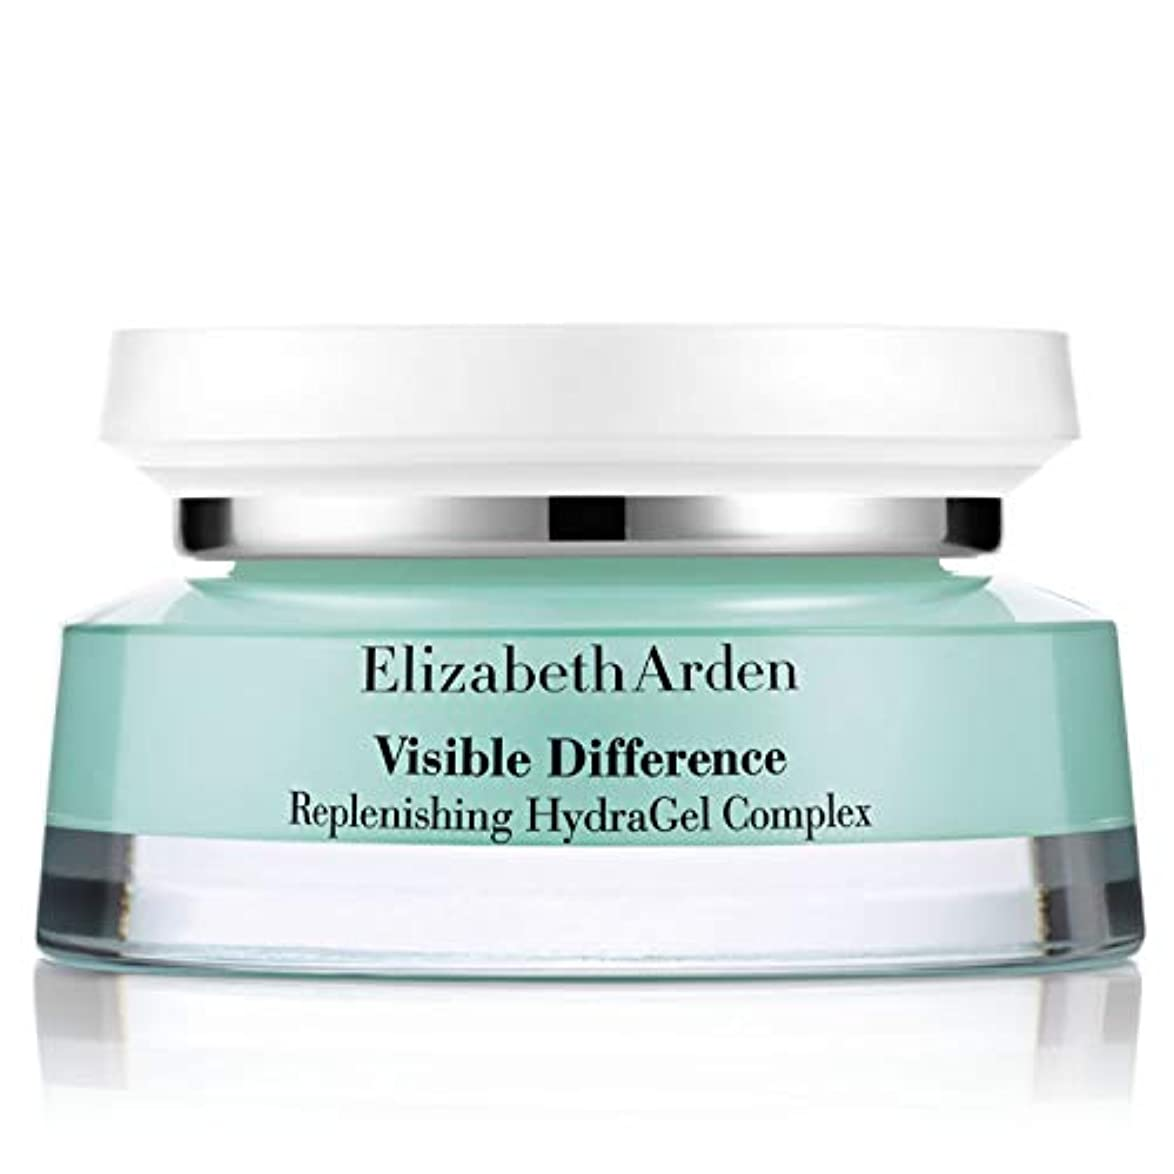 オーストラリア人溶接電球エリザベスアーデン Visible Difference Replenishing HydraGel Complex 75ml/2.6oz並行輸入品